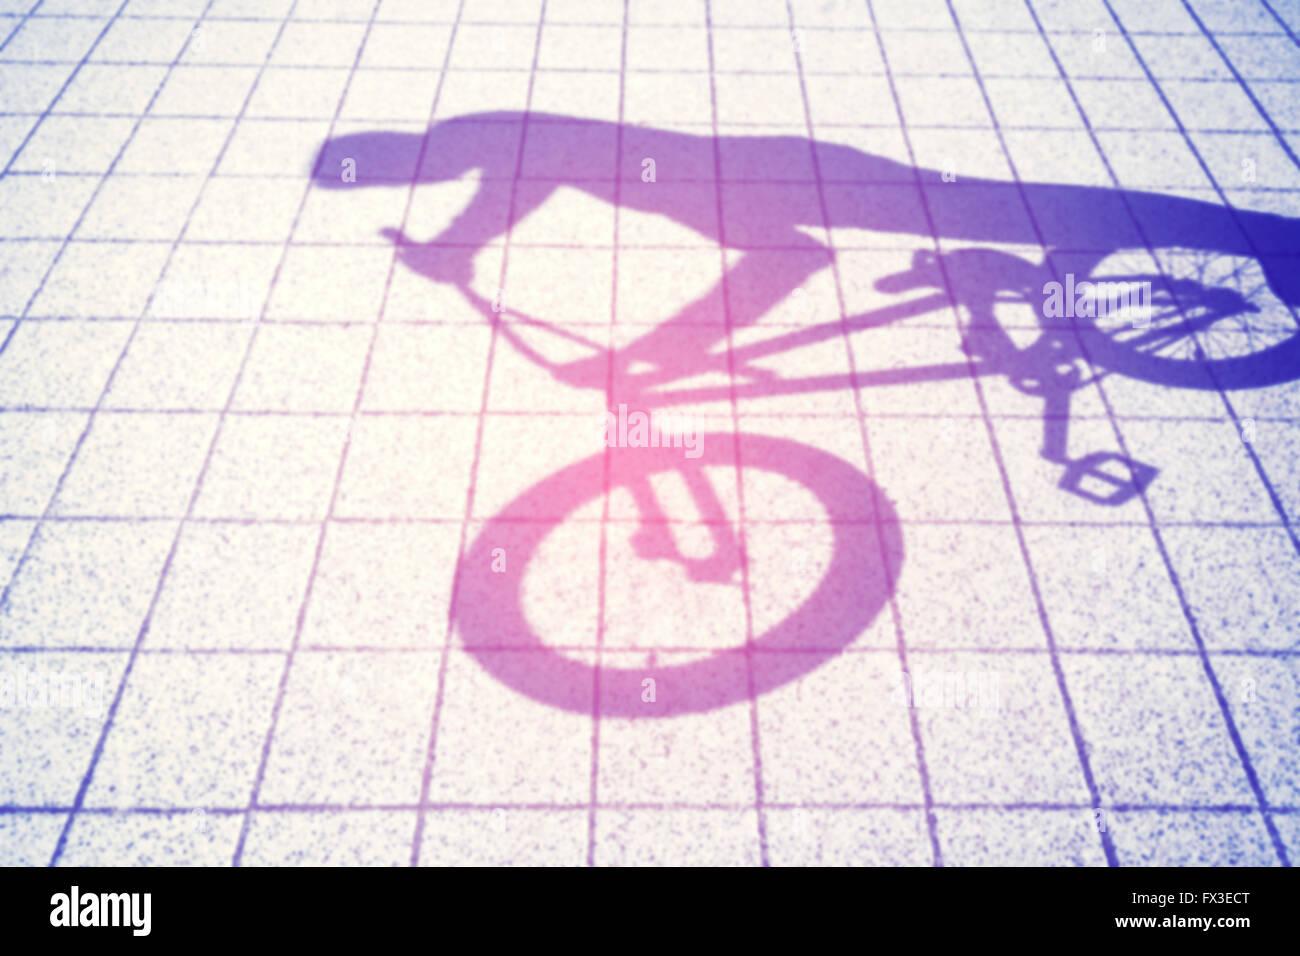 Tonos Retro sombra borrosa de un adolescente montando una bicicleta BMX. Imagen De Stock